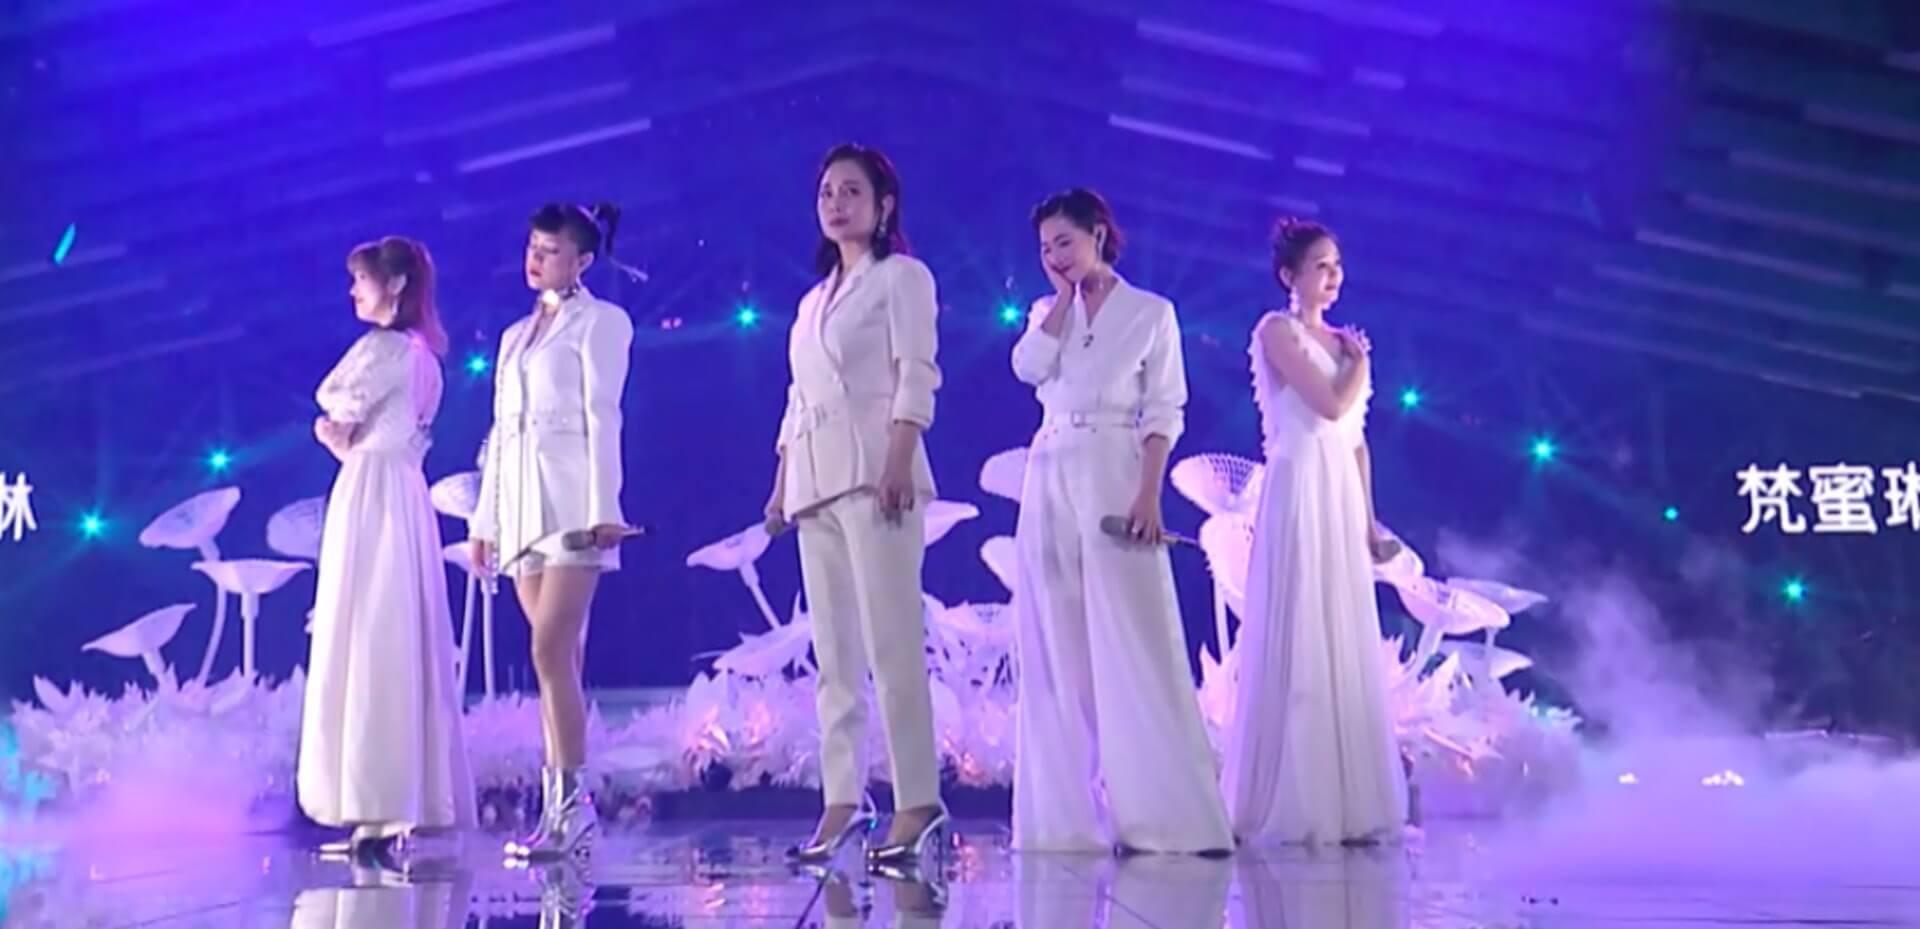 因為是分組主唱,松松不想坐輪椅出場,頂硬上與其他「姐姐」演唱蔡健雅的《Beautiful Love》。